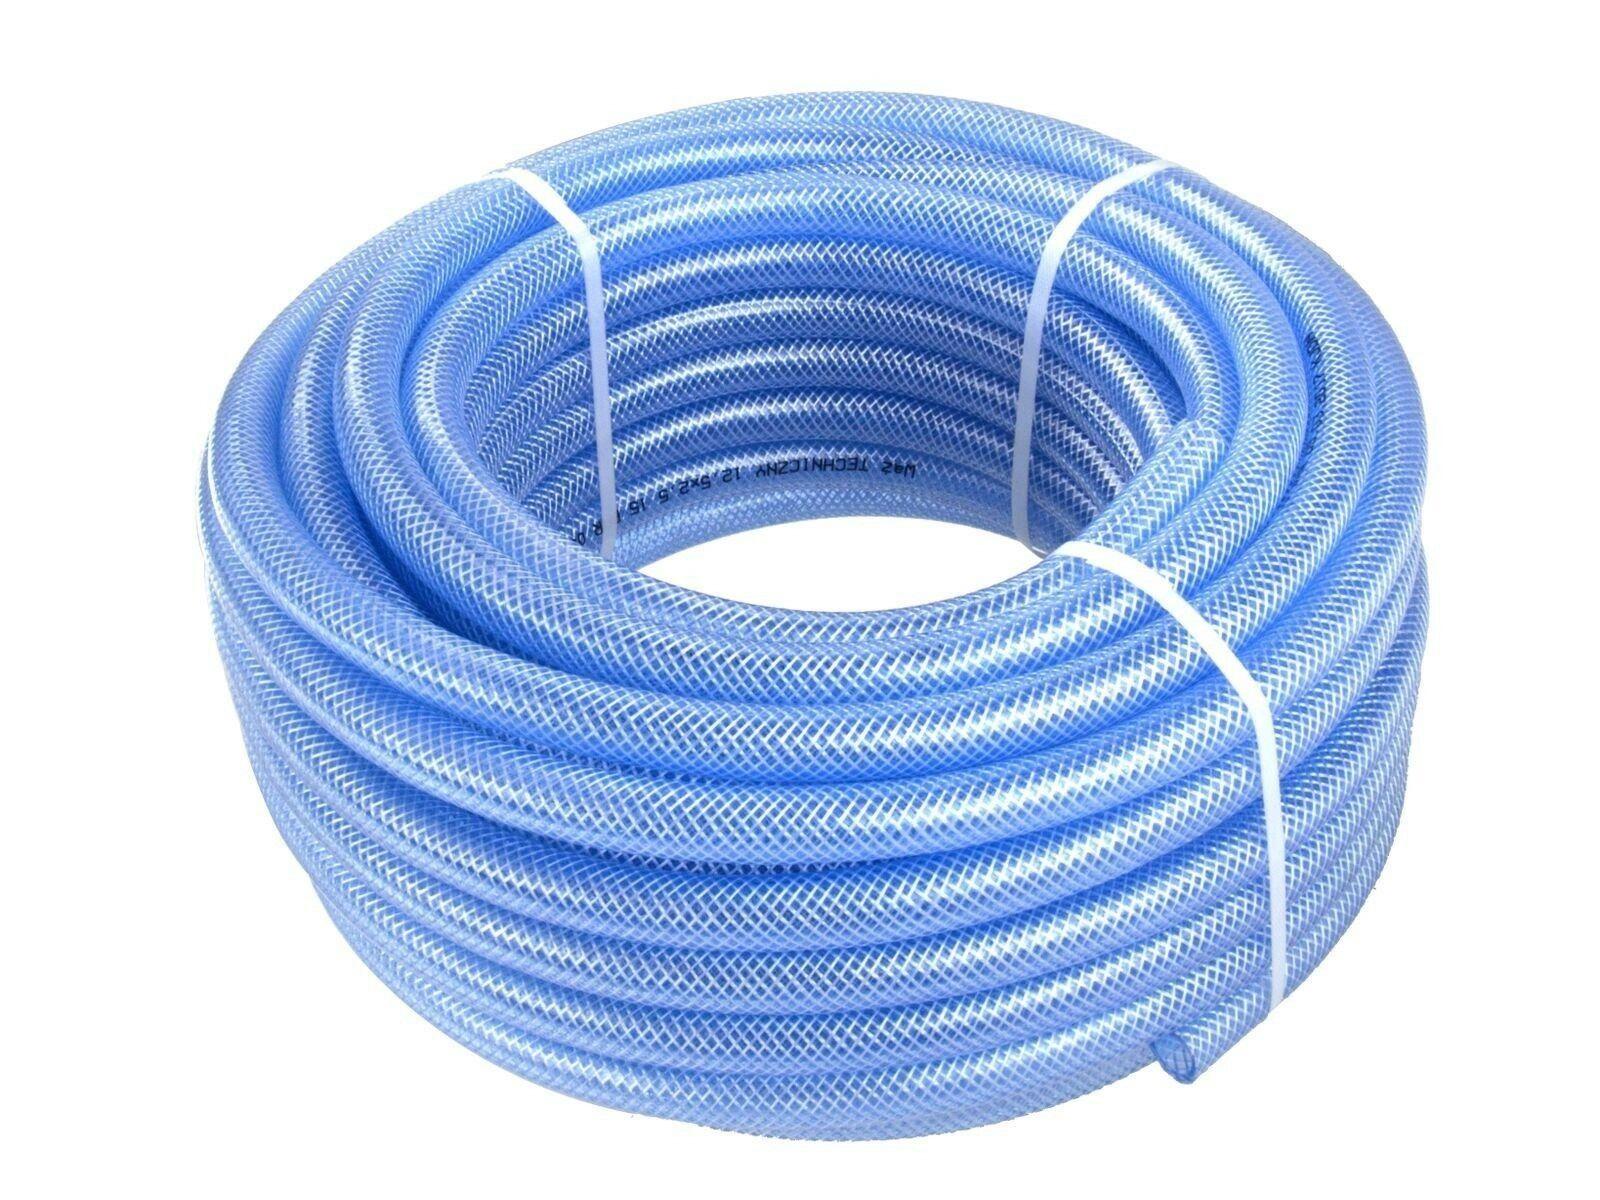 Hadice zesílená modrá, 6x2,5 mm, 50 m GEKO